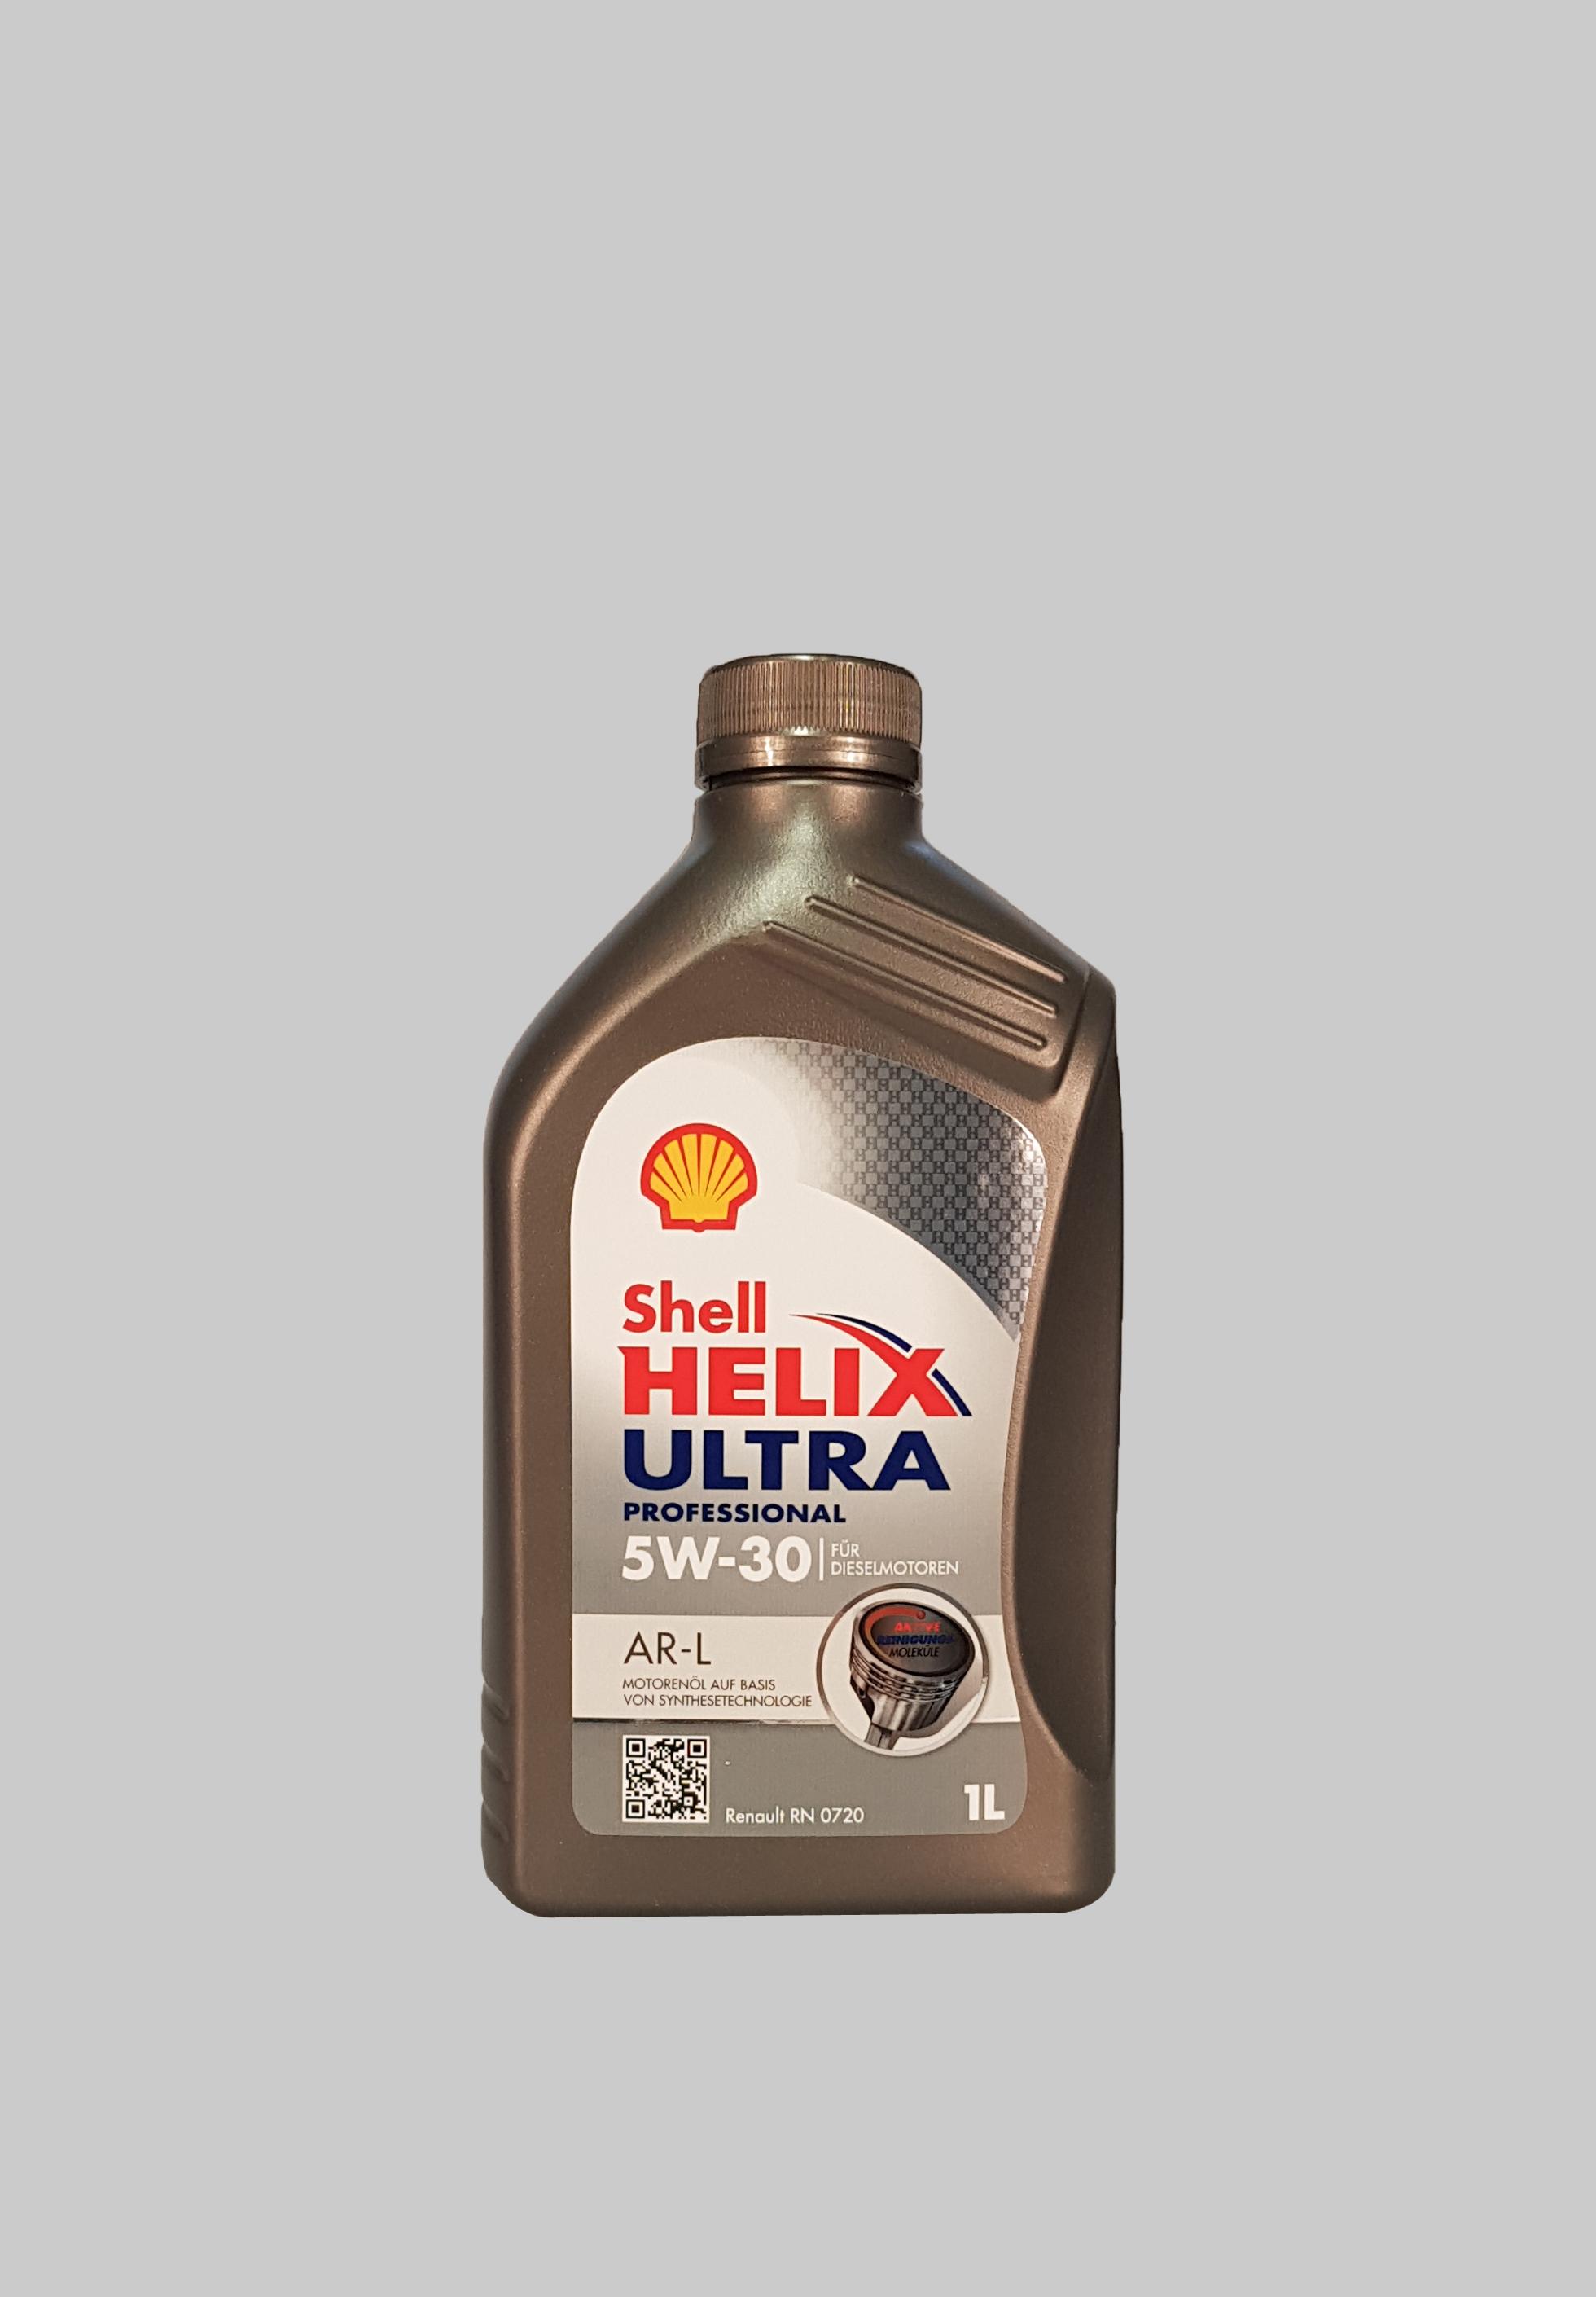 Shell Helix Ultra Professional AR-L 5W-30 1 Liter